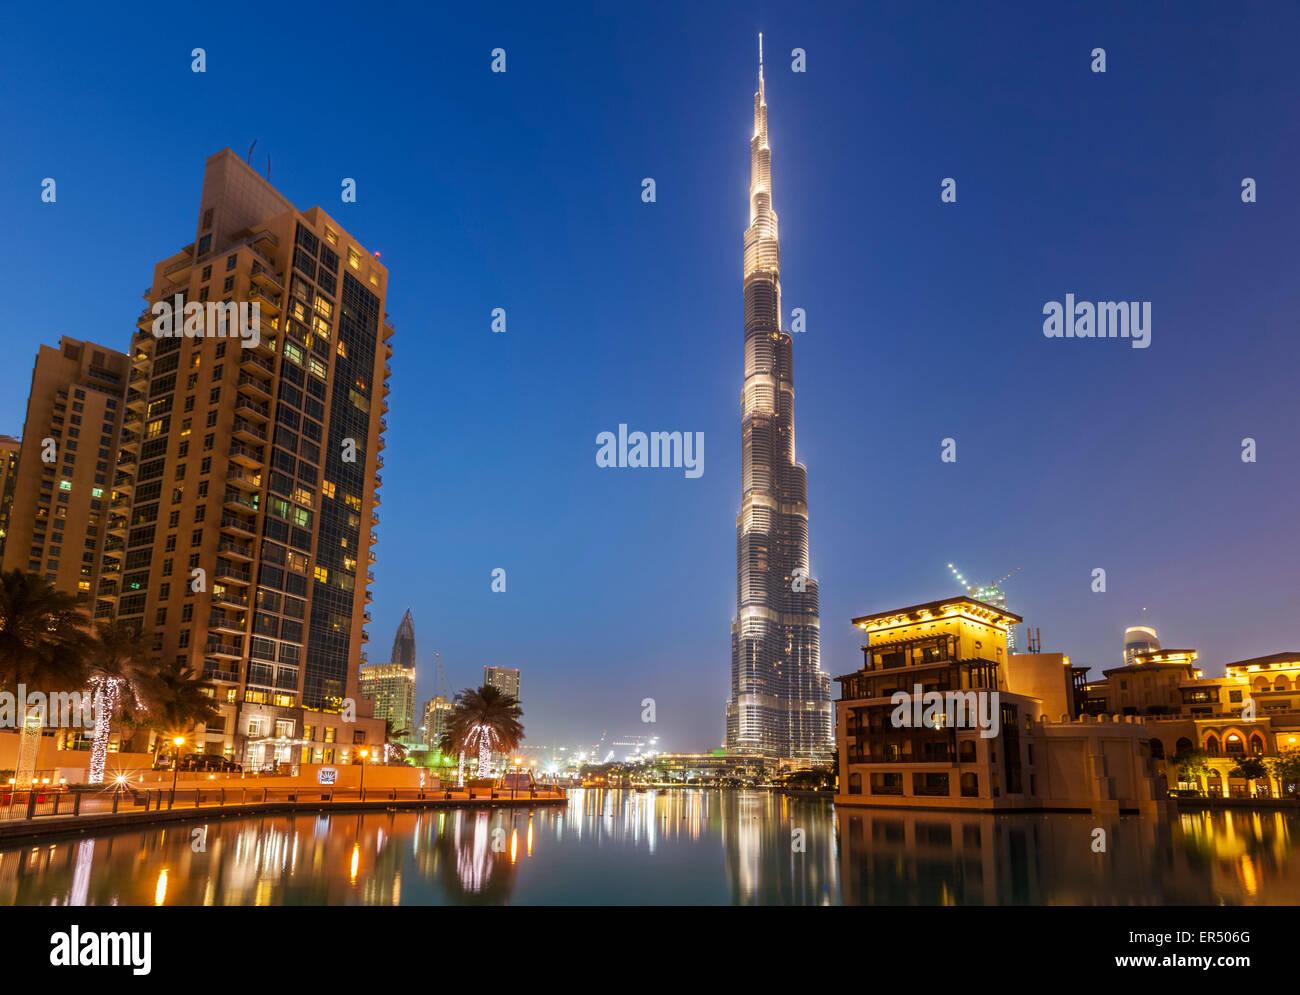 Buj Khalifa illuminated at night, Dubai City, United Arab Emirates, UAE, Middle East - Stock Image